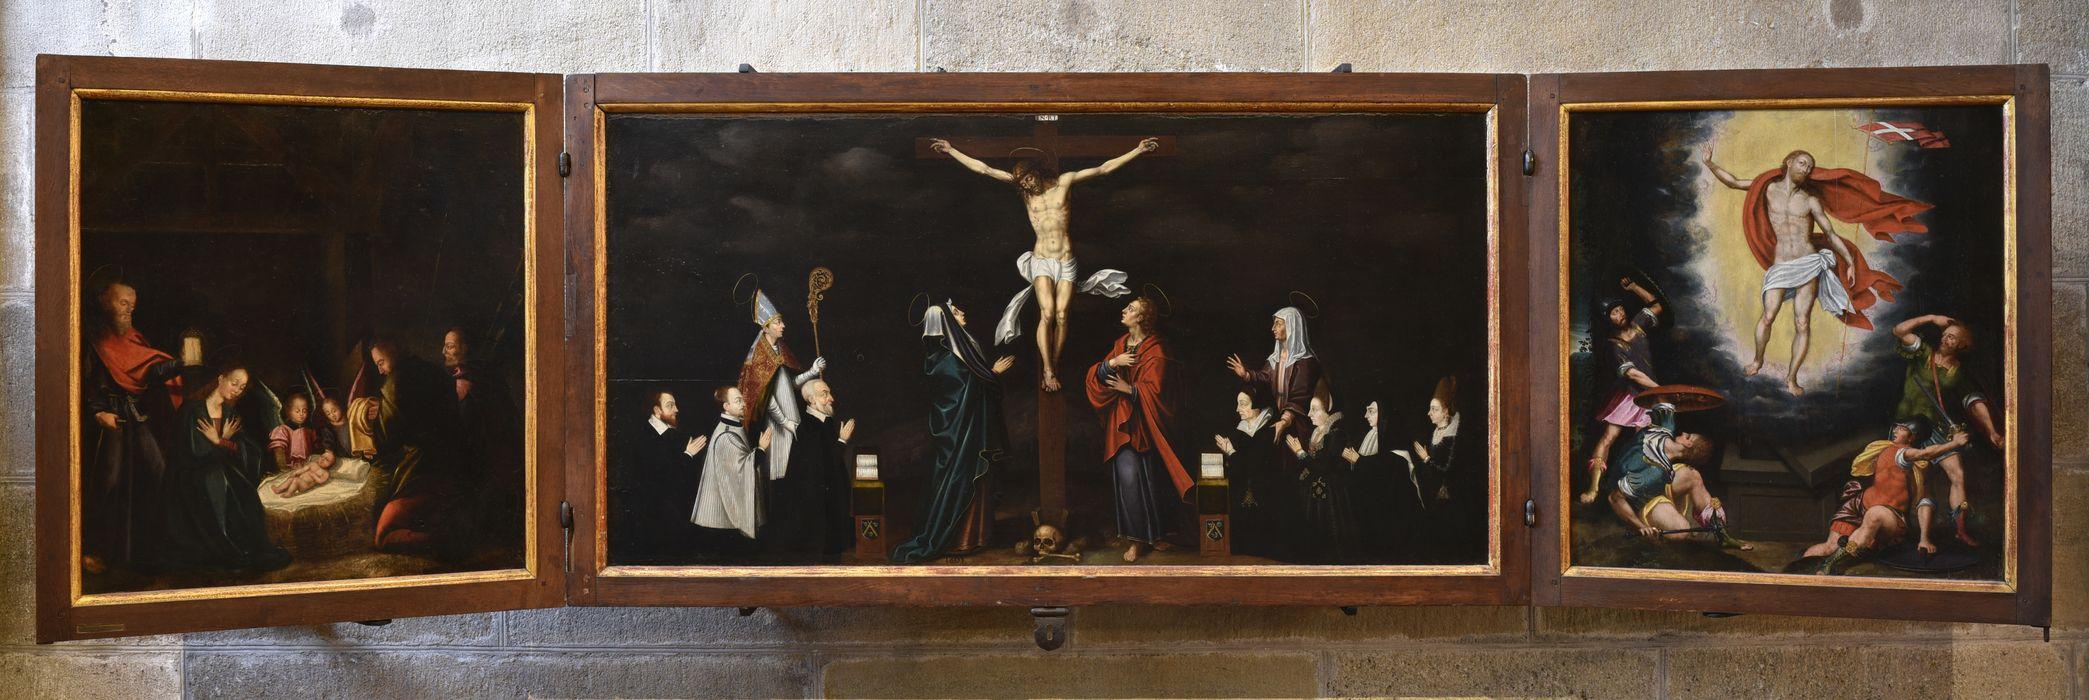 Tableau (triptyque) : Christ en croix accompagné de donateurs (le)